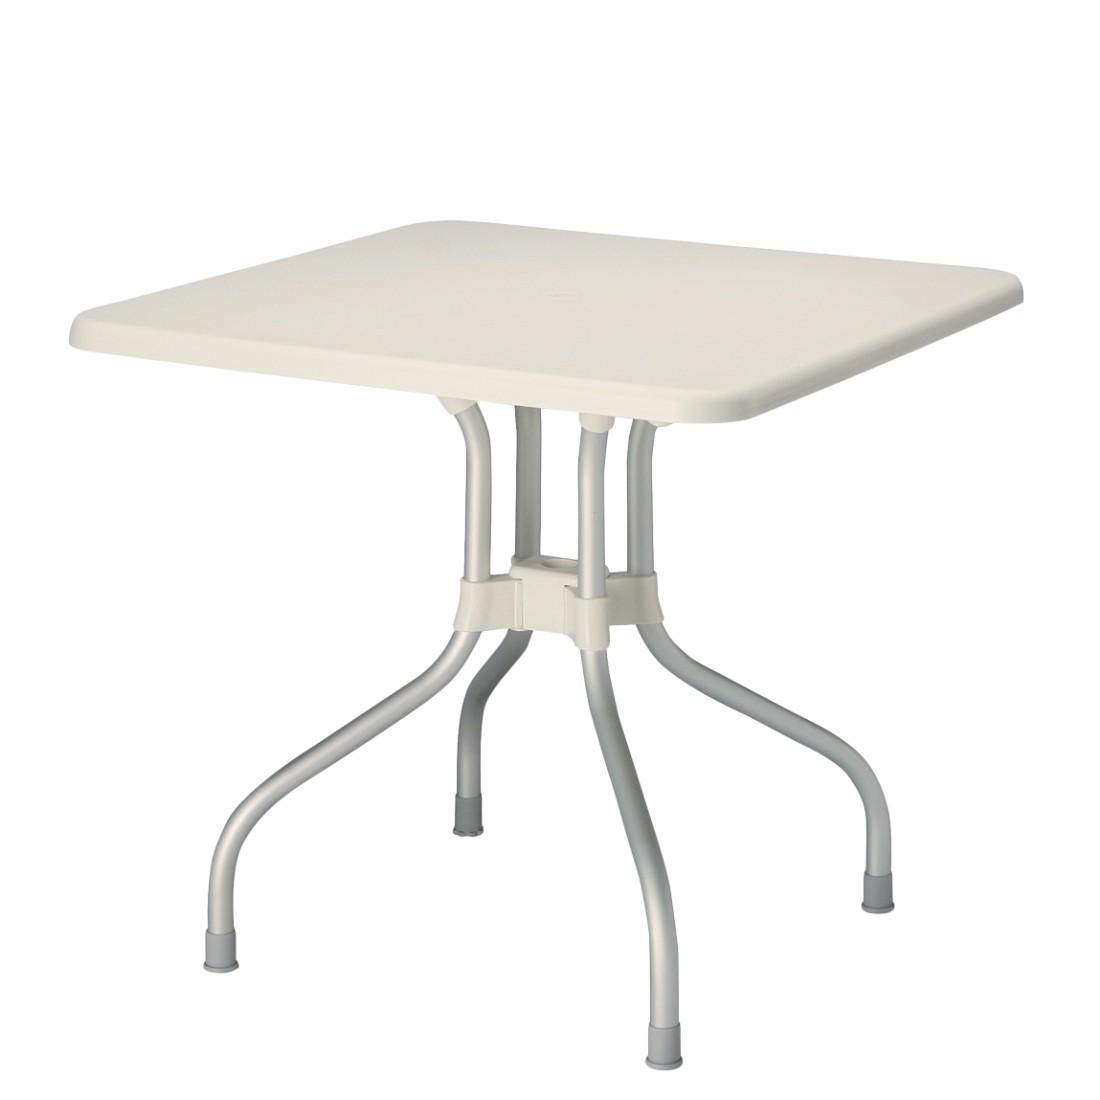 Klapptisch Vegas - Aluminium / Kunststoff - Silber / Cremeweiß, Best Freizeitmöbel